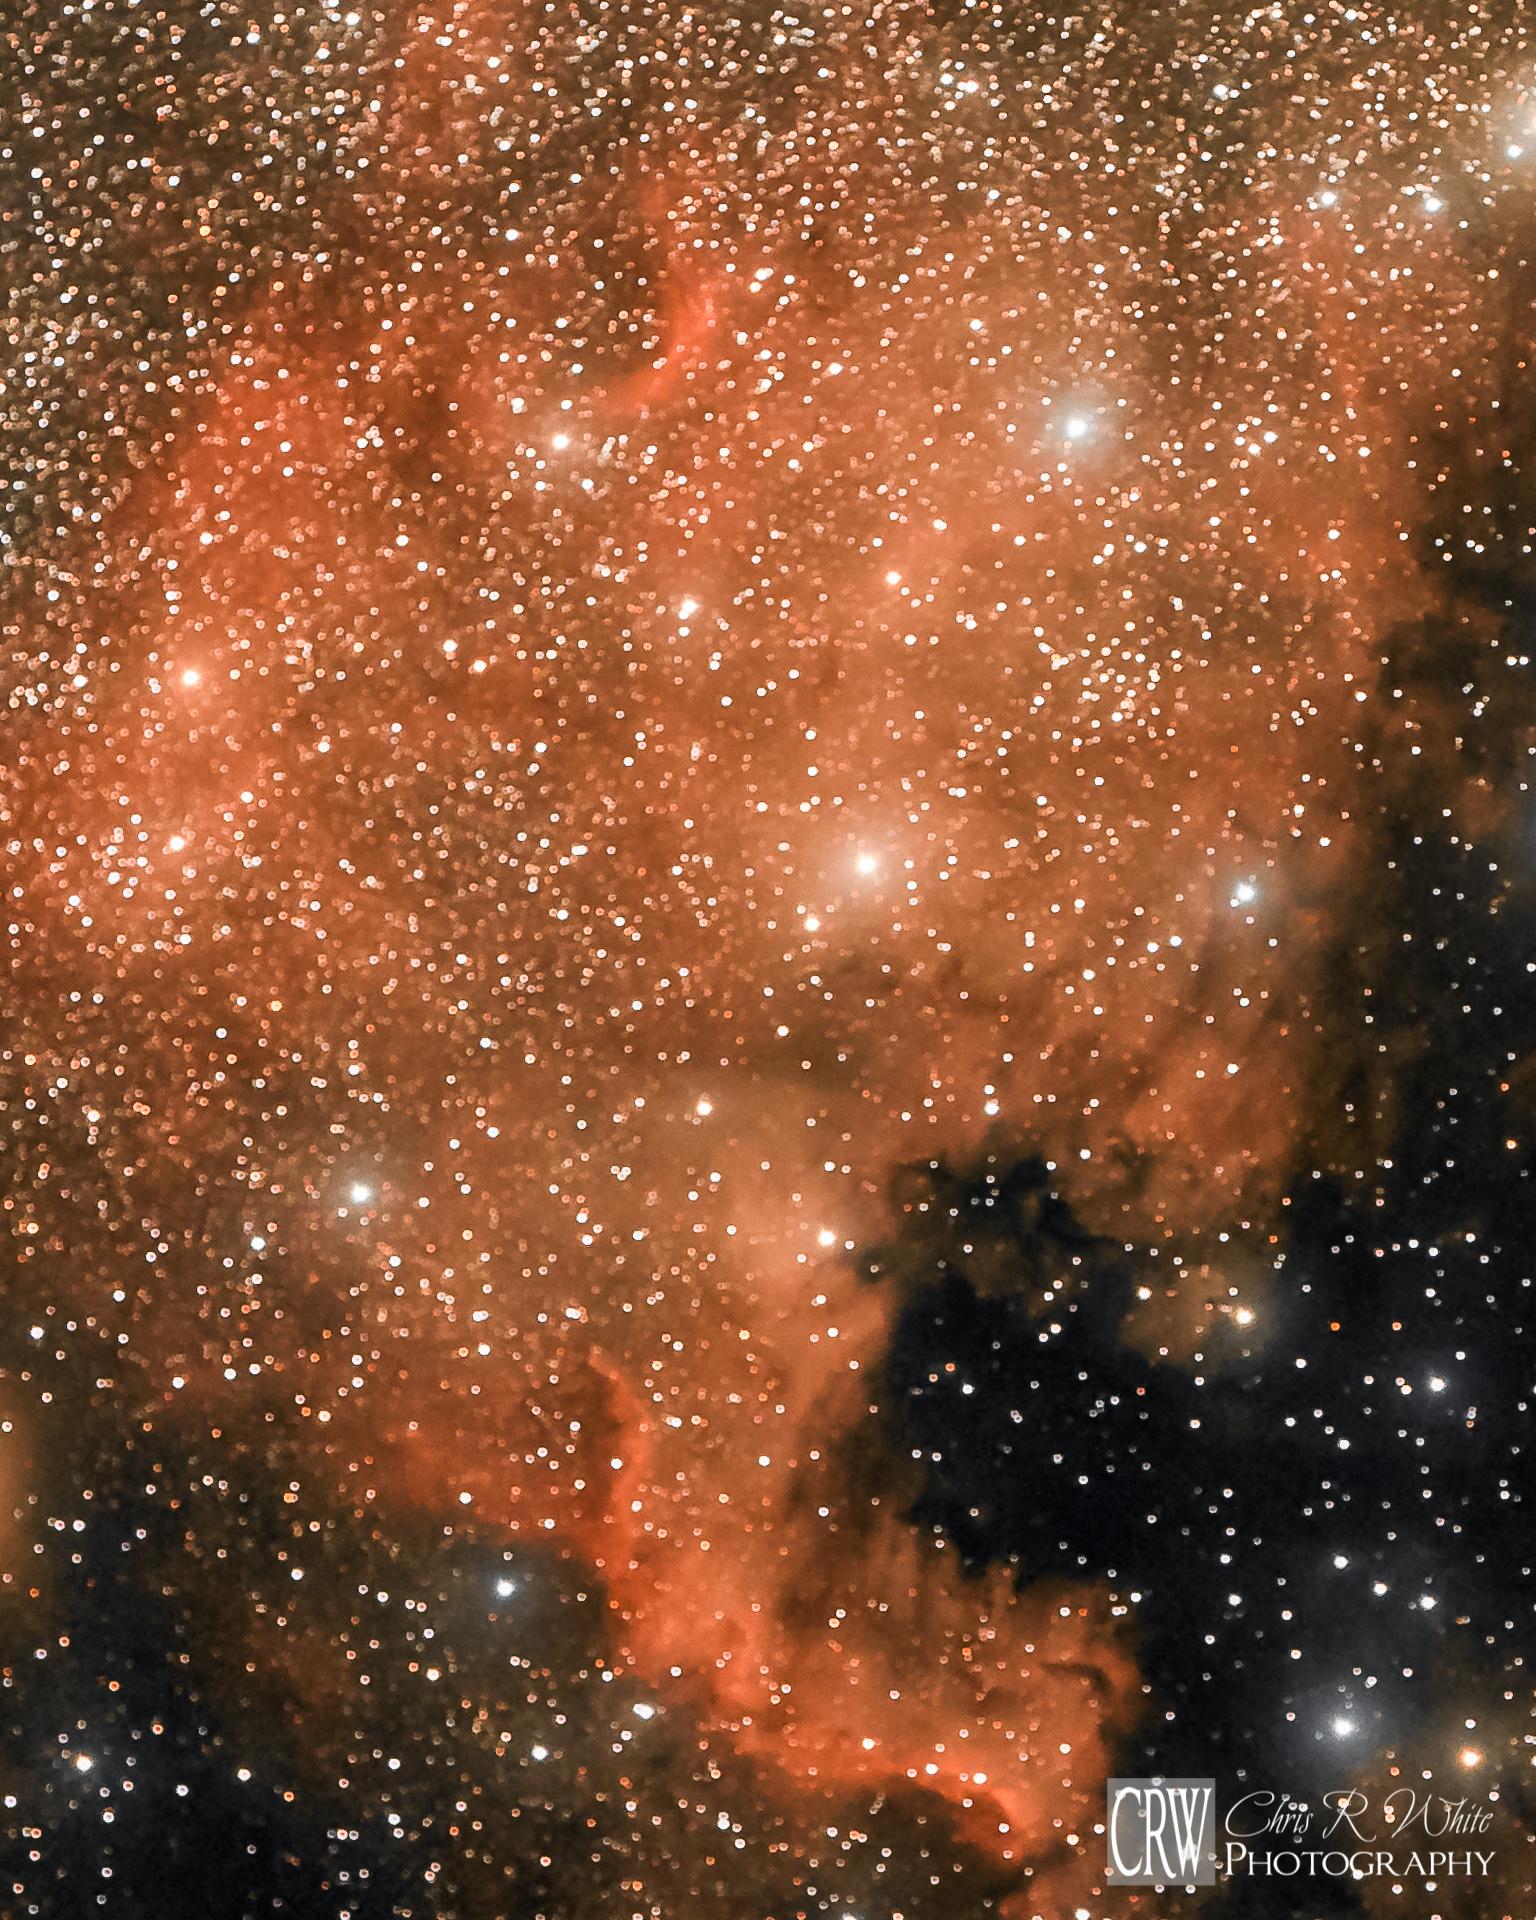 NGC 7000, The North American Nebula